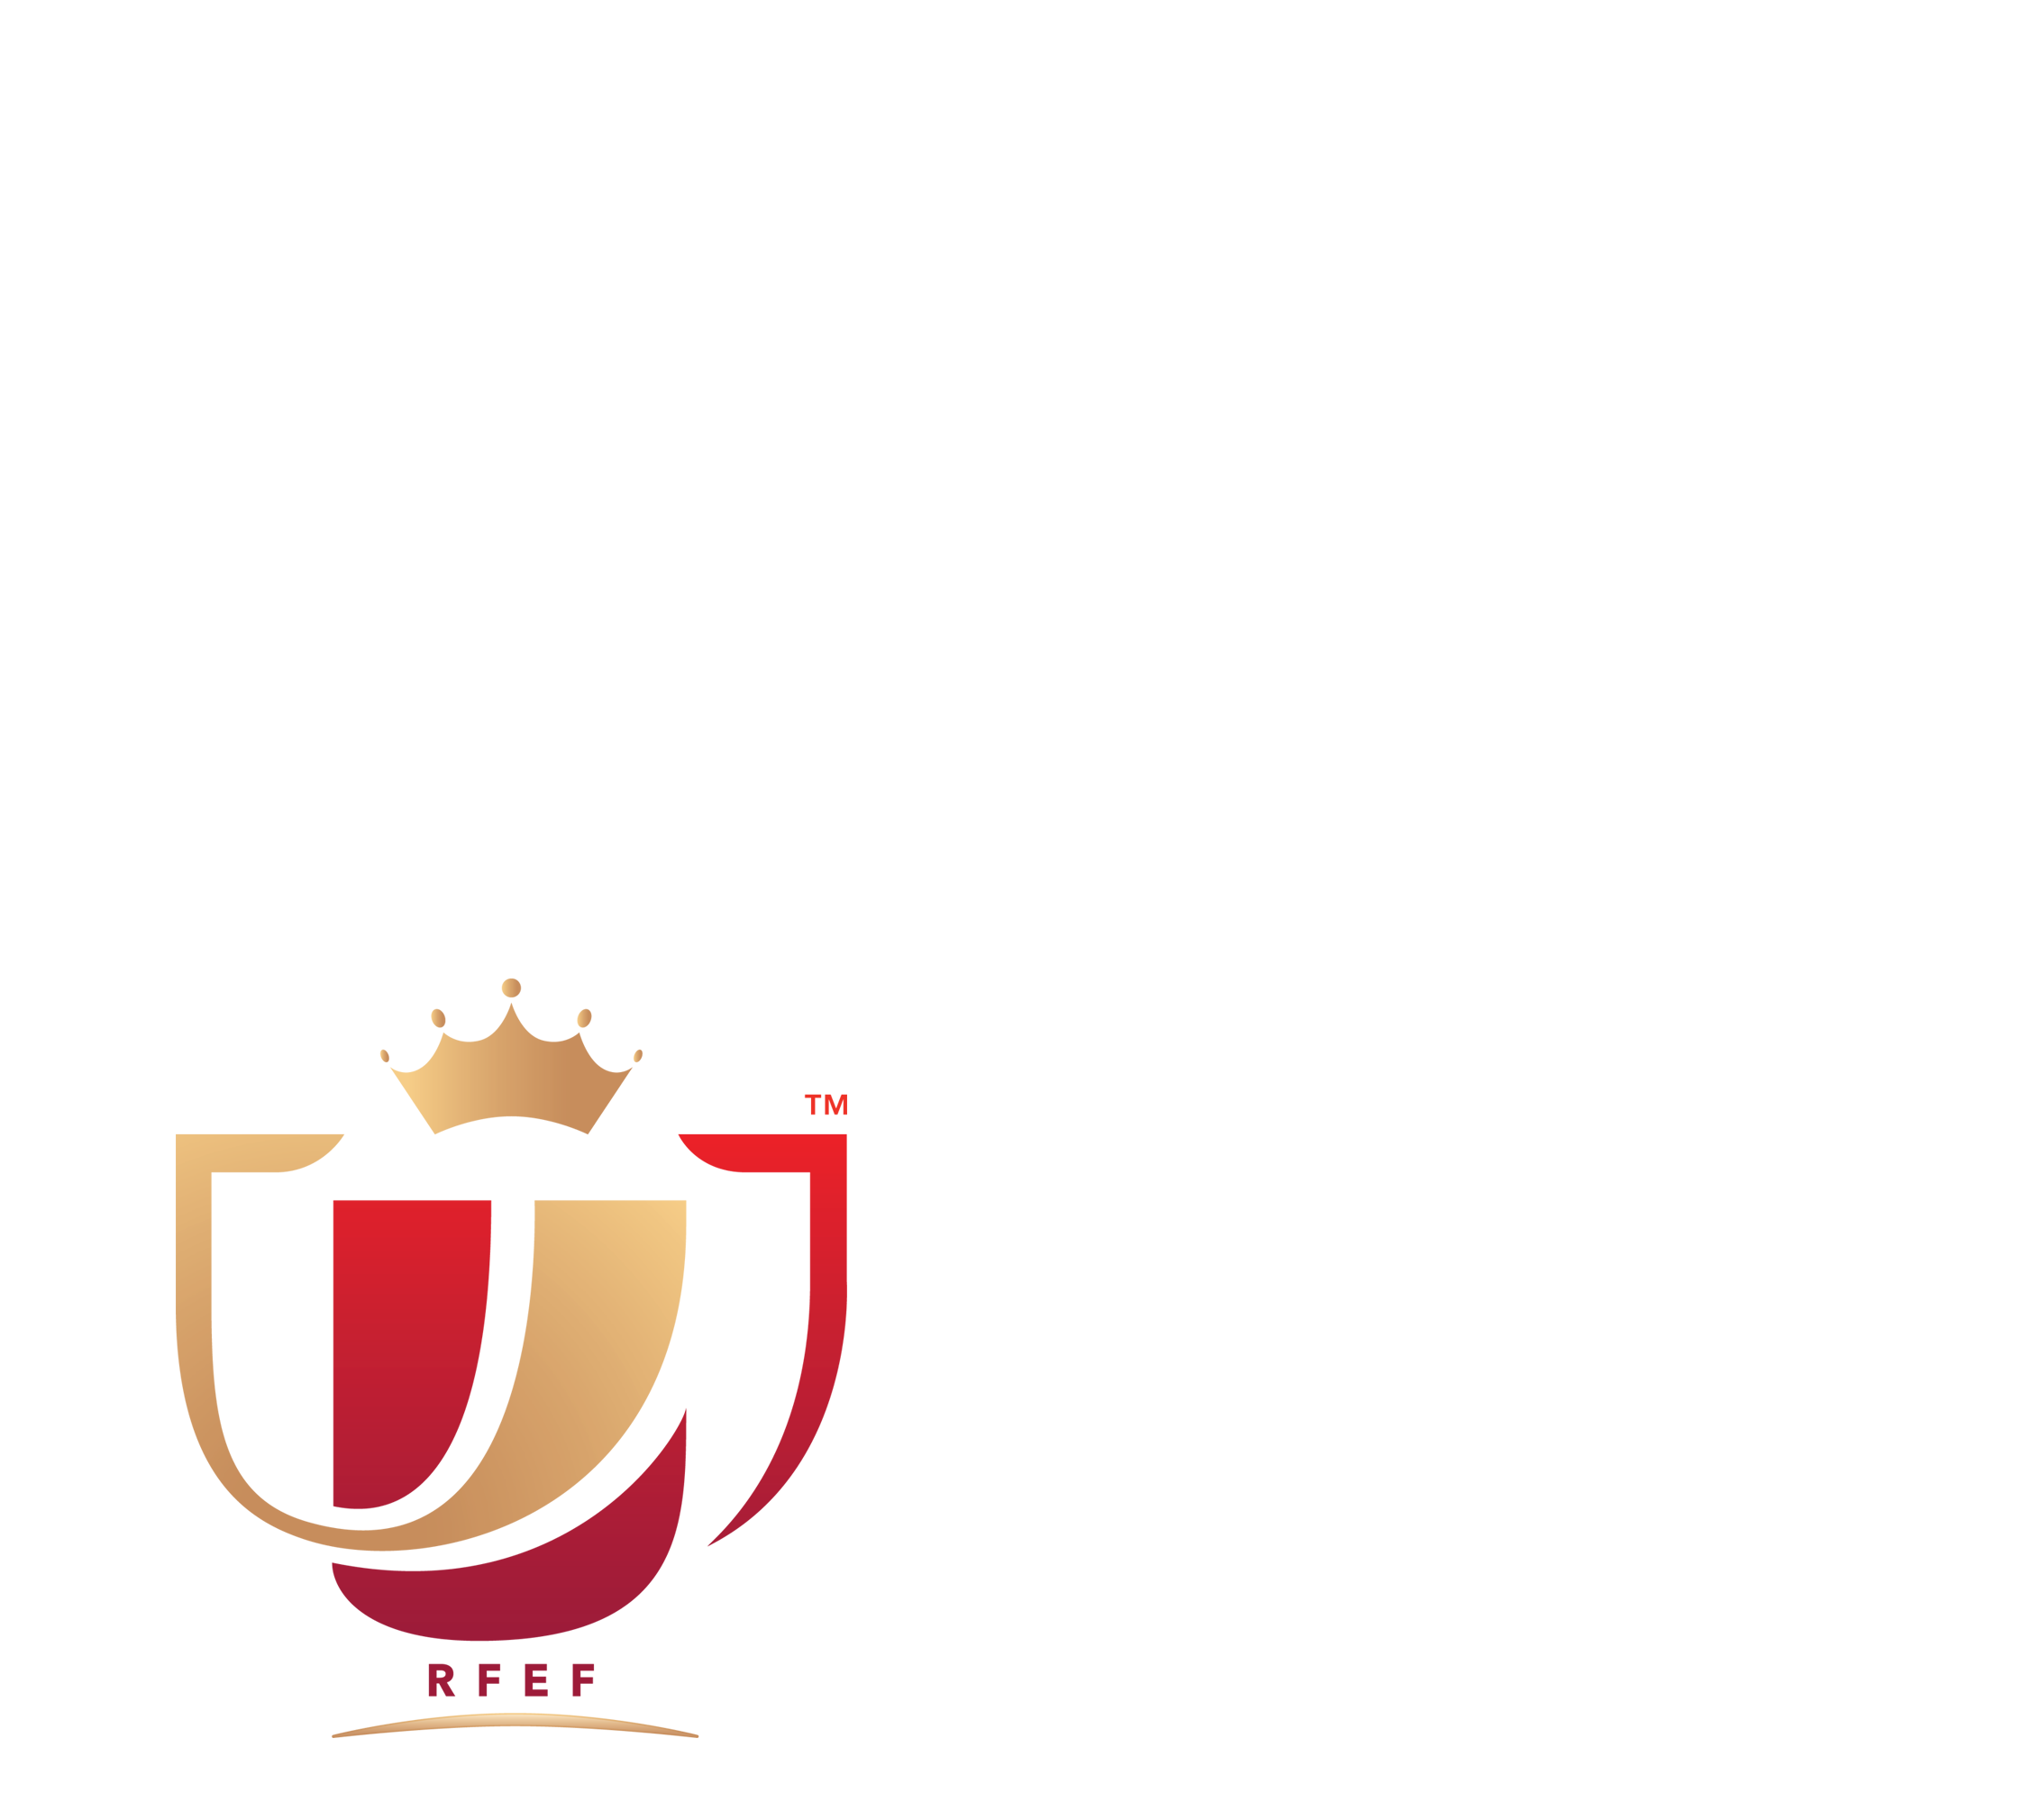 Copa del Rey 2020/21